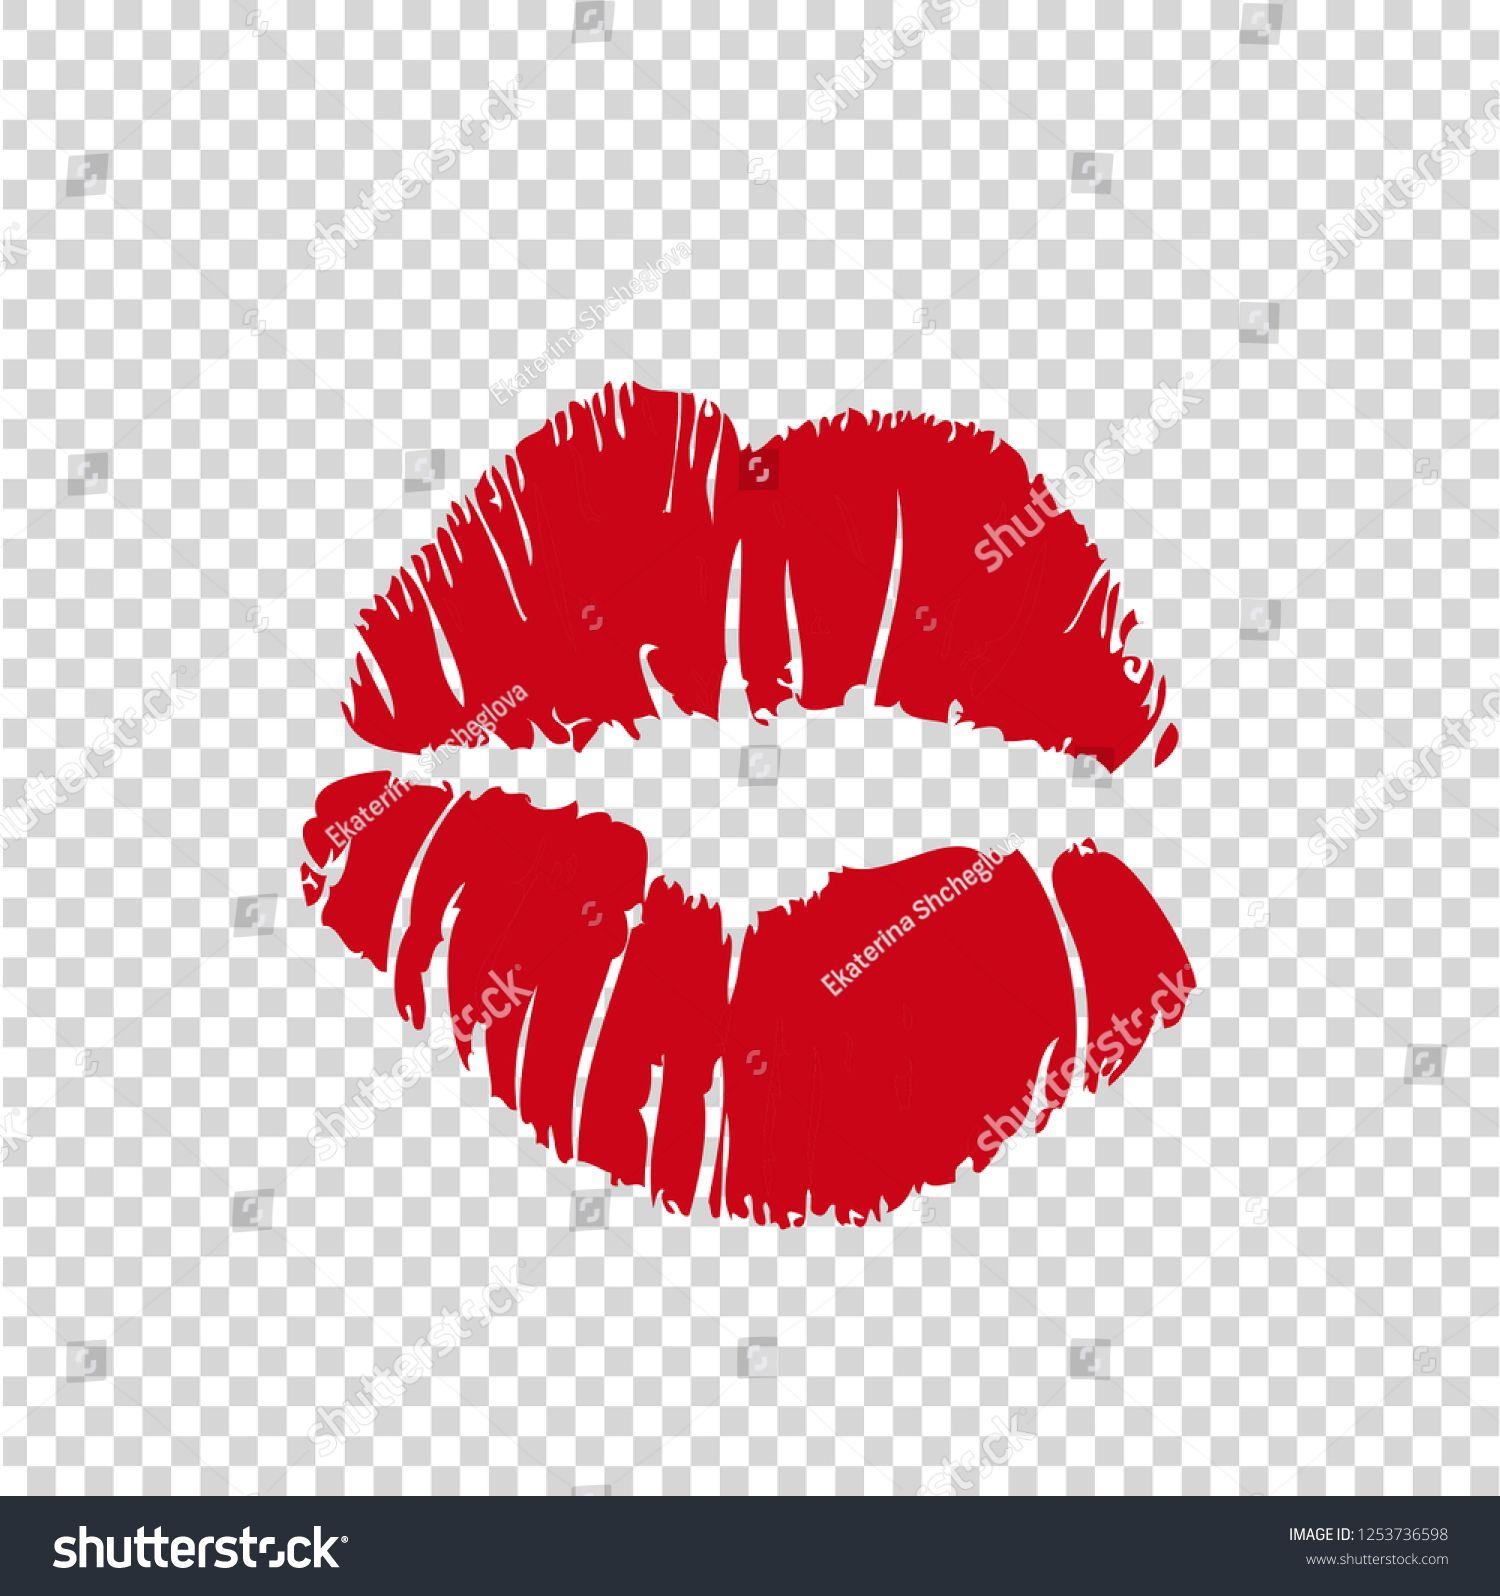 Vector Illustration Of Women Girls Red Lipstick Kissmark Isolated